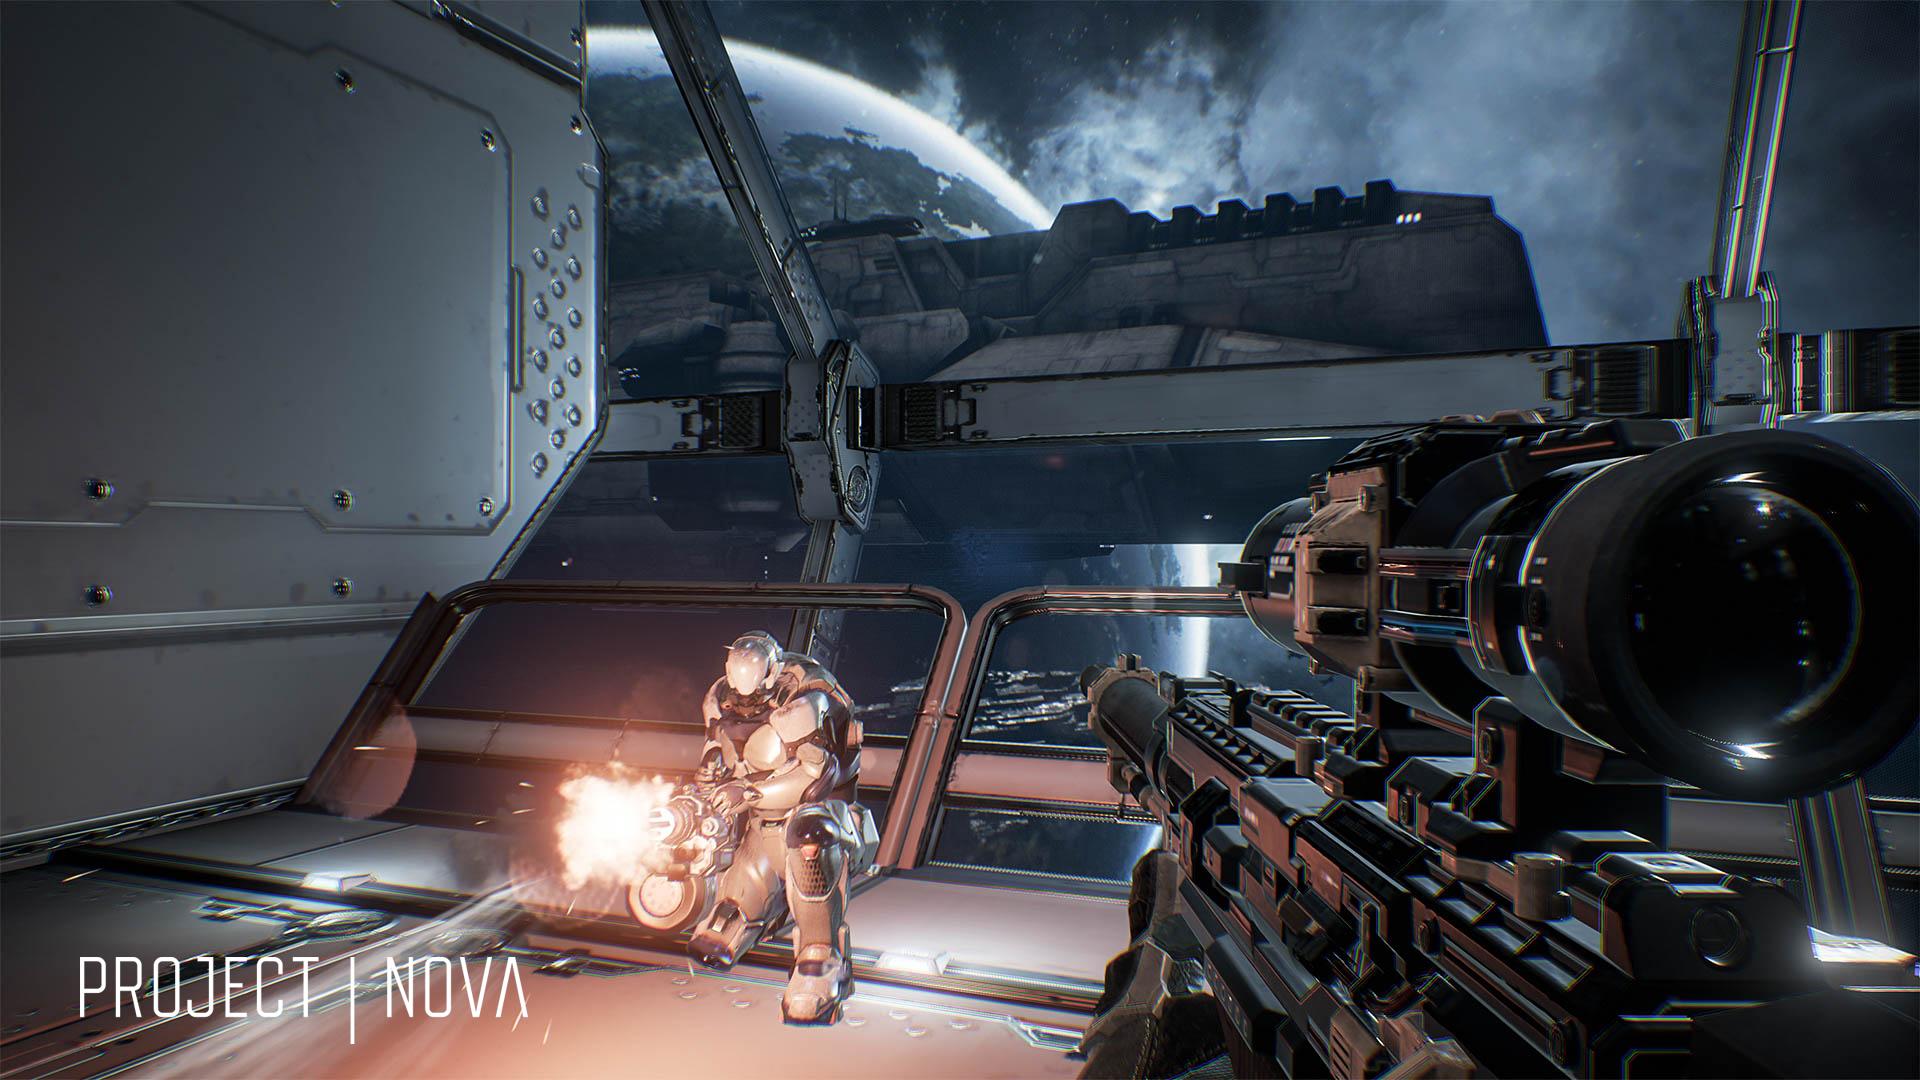 Шутер Project Nova во вселенной EVE Online выйдет в ближайшие месяцы